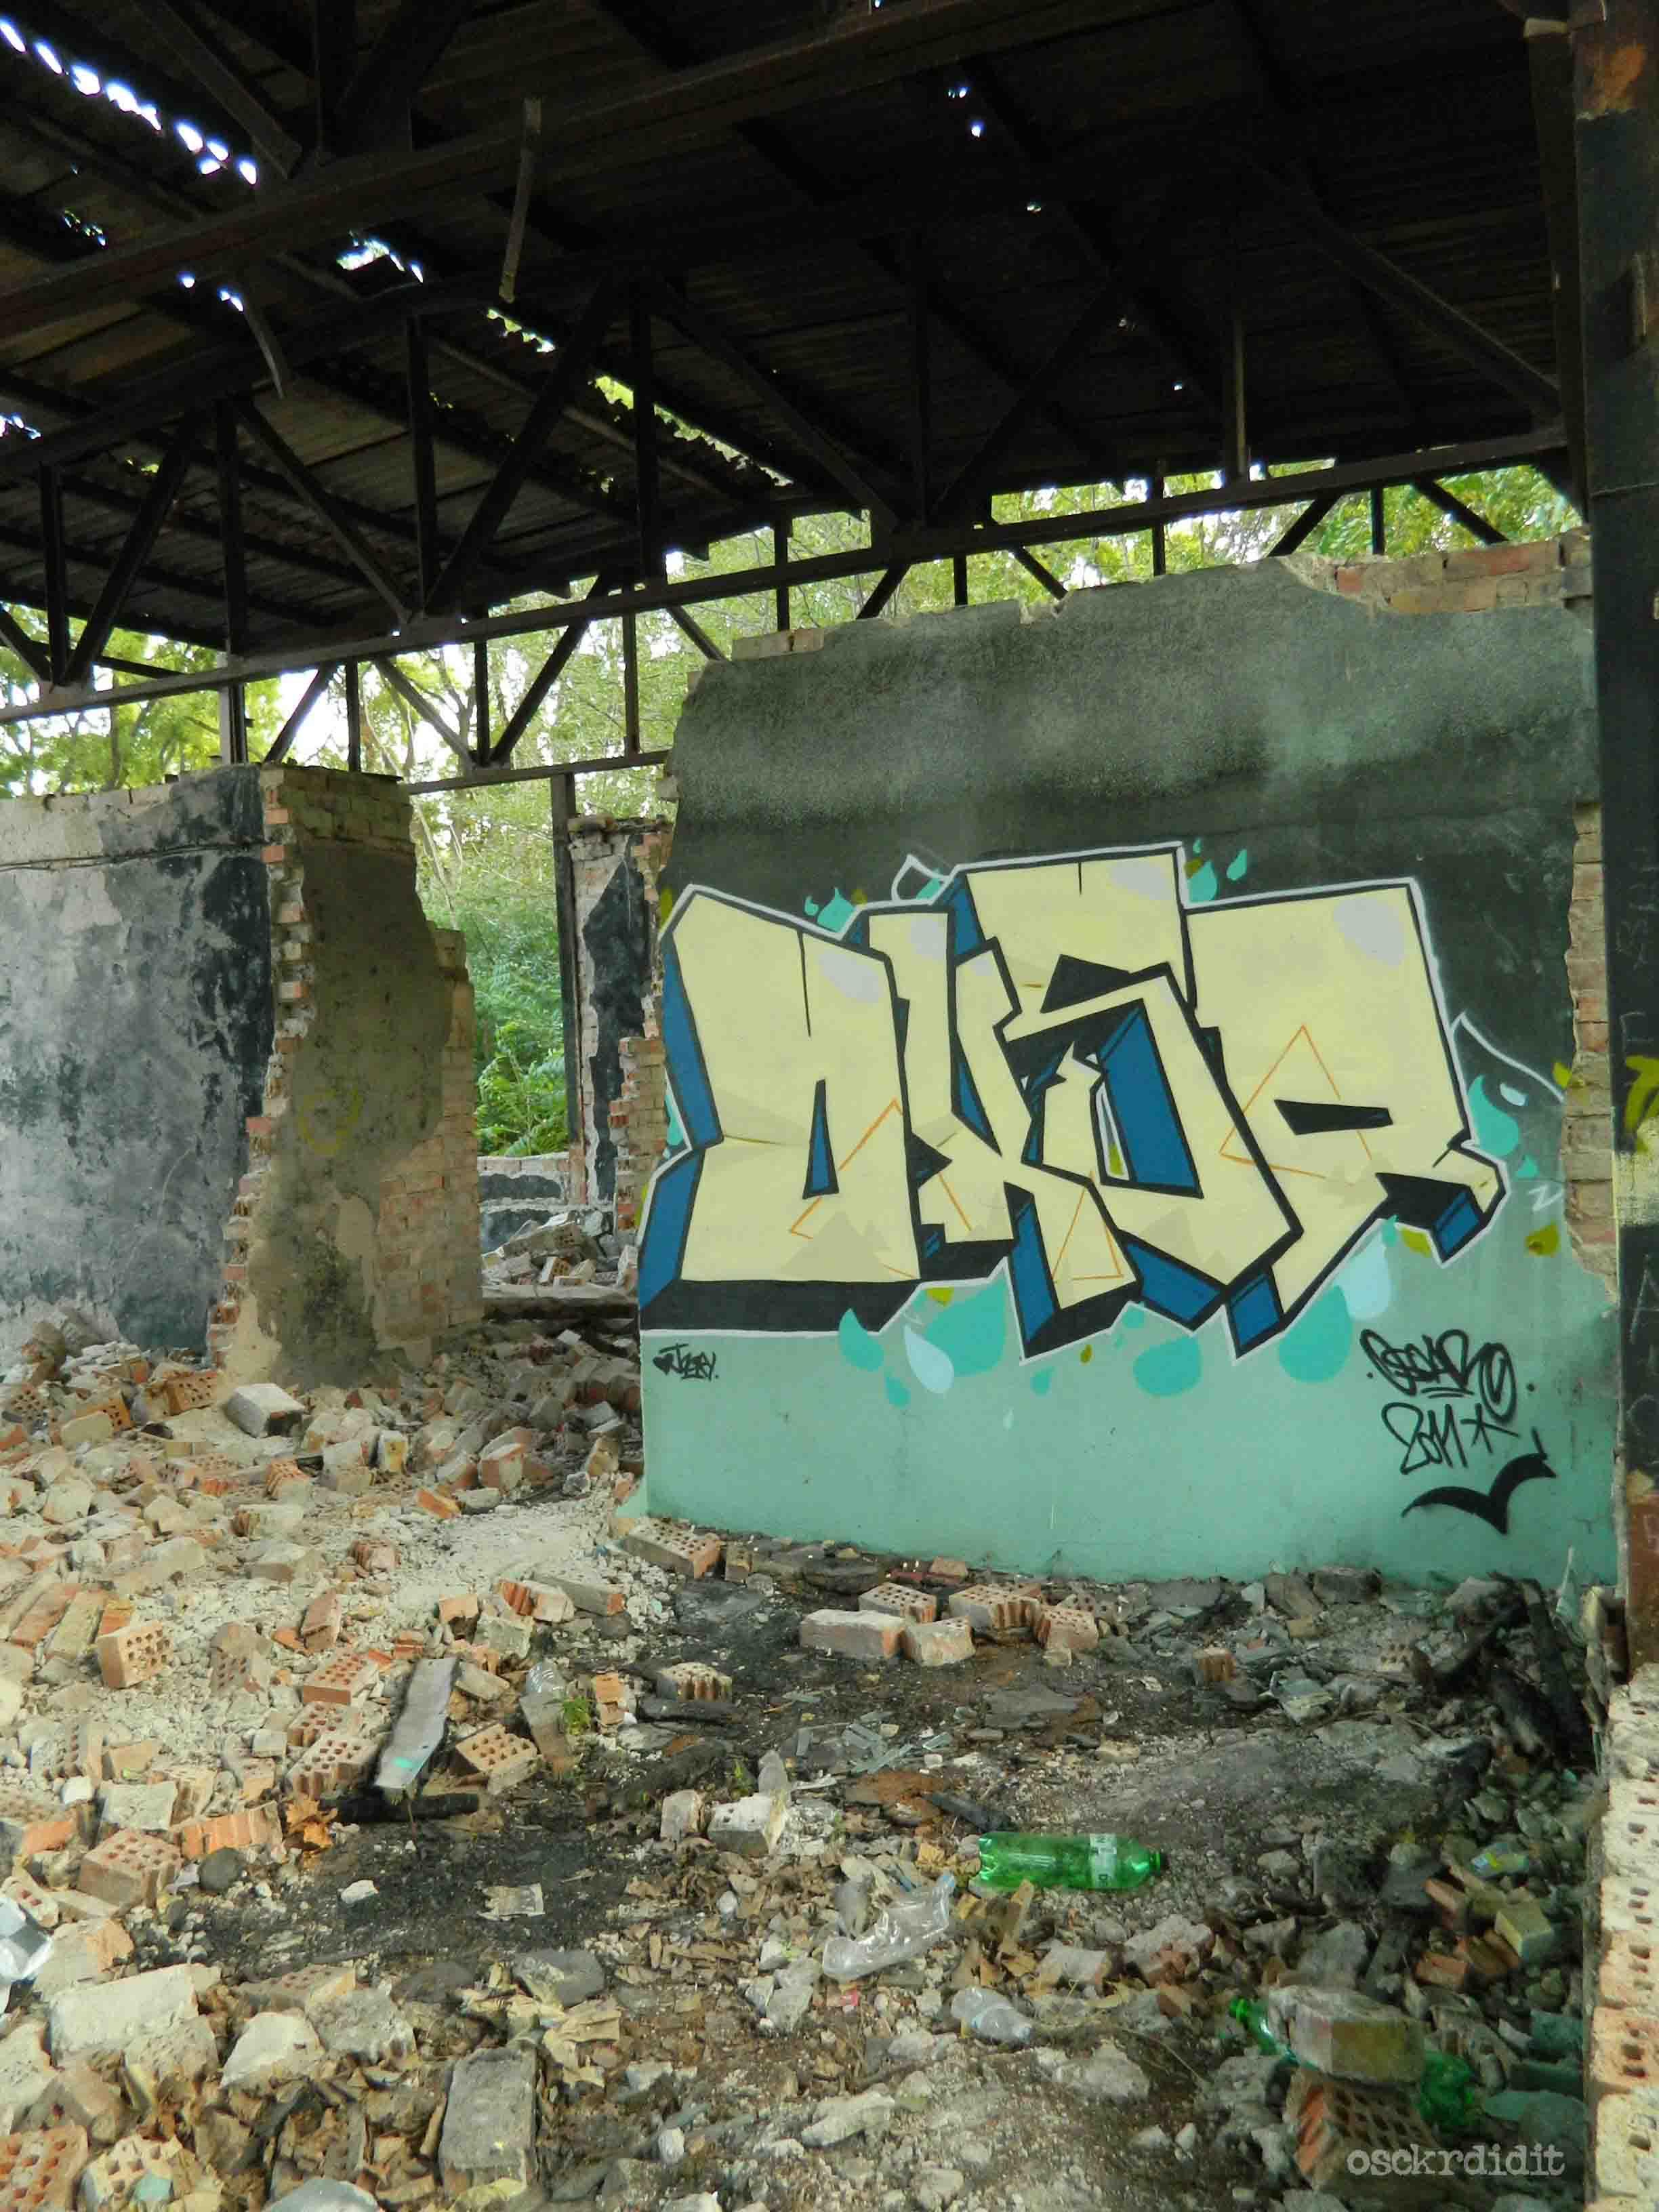 Oxsr - 2011